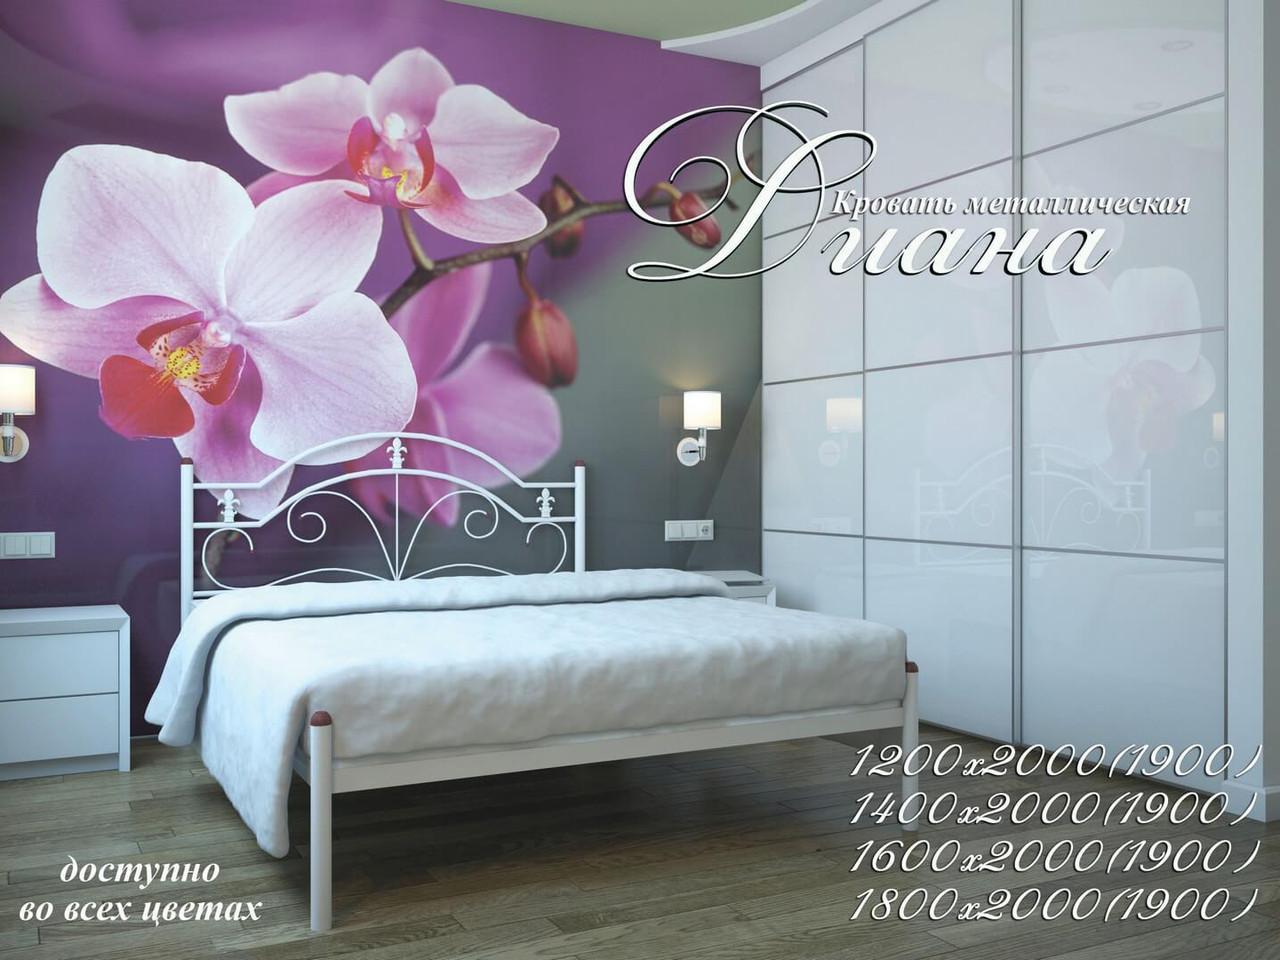 Металлическая кровать Диана. ТМ Металл-Дизайн